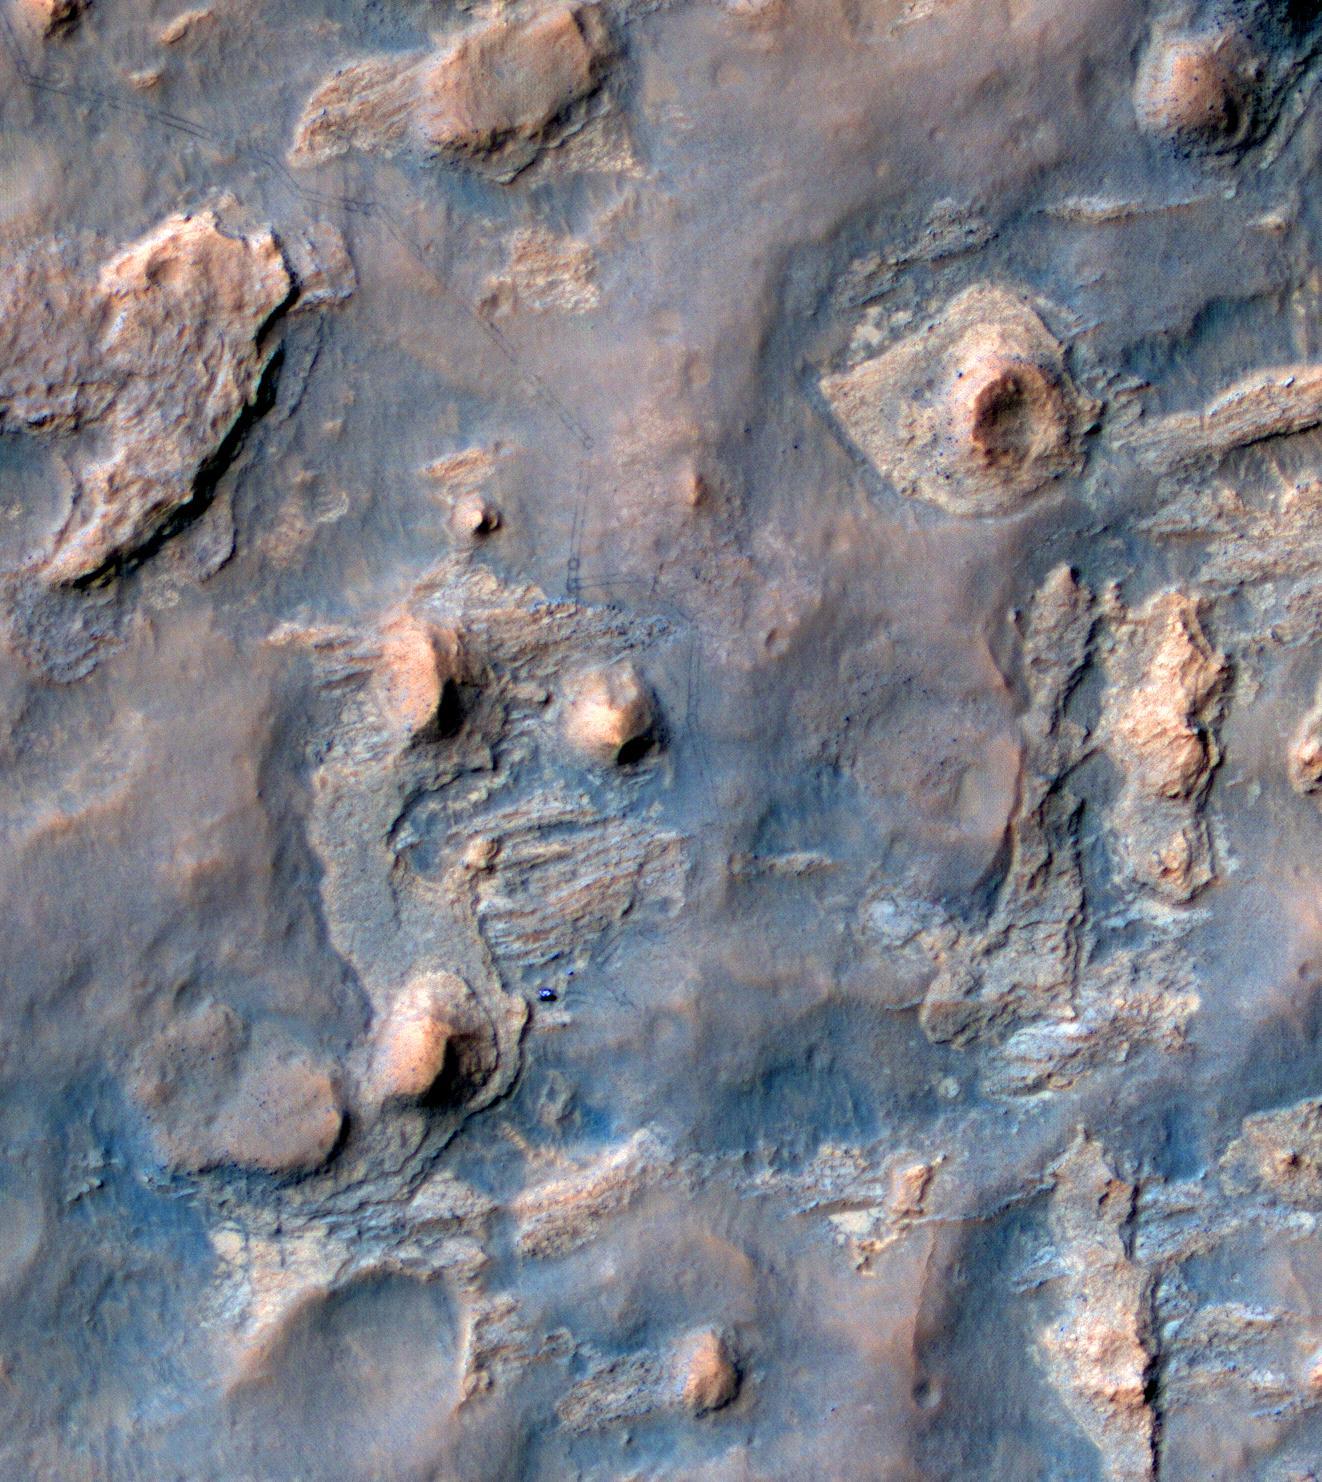 PIA18081